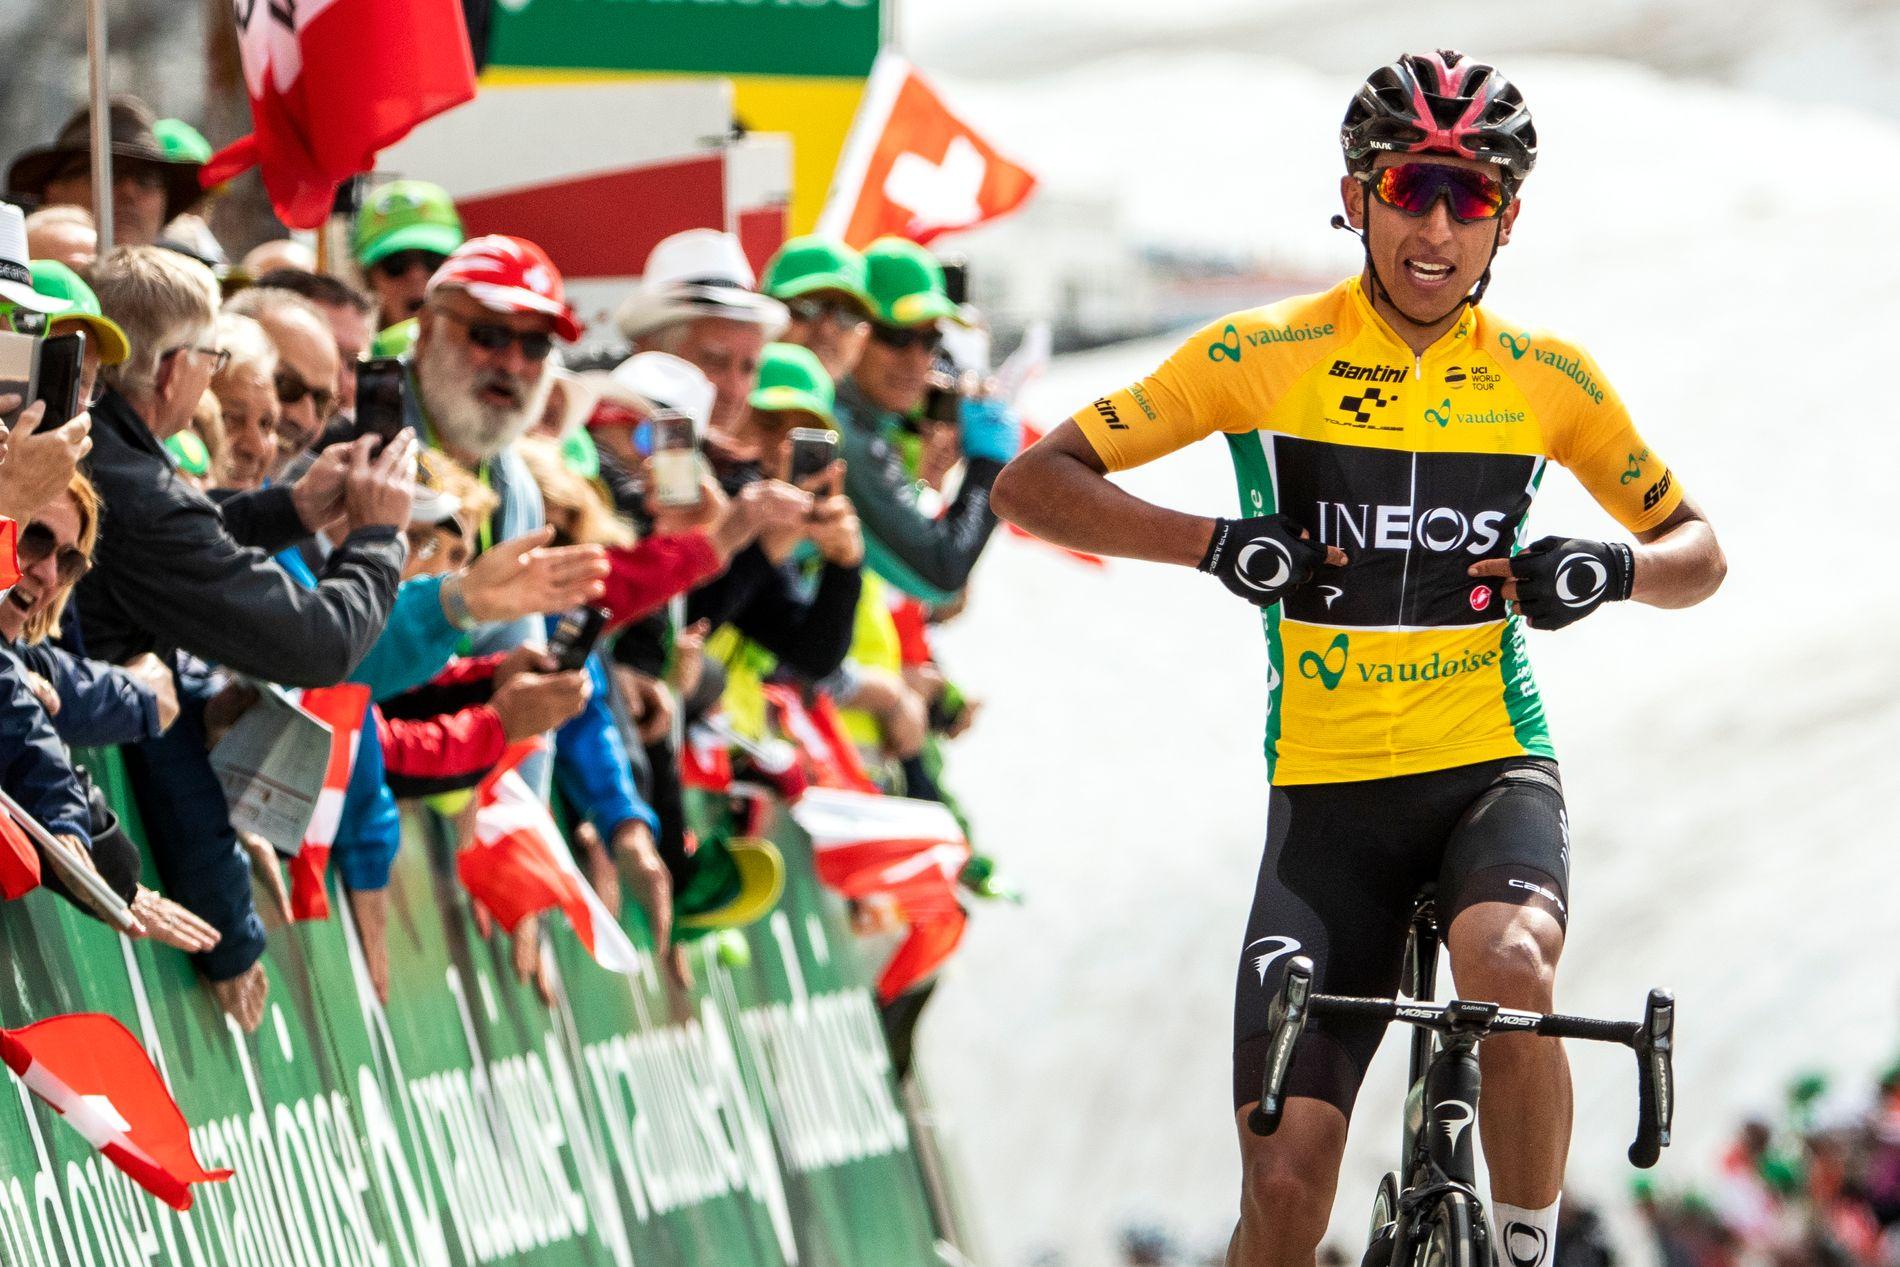 Egan Bernal endte som nummer 15 i fjorårets Tour de France. I år er han en av favorittene. Bildet er tatt da han hadde vunnet den syvende etappen av Sveits rundt sist fredag.